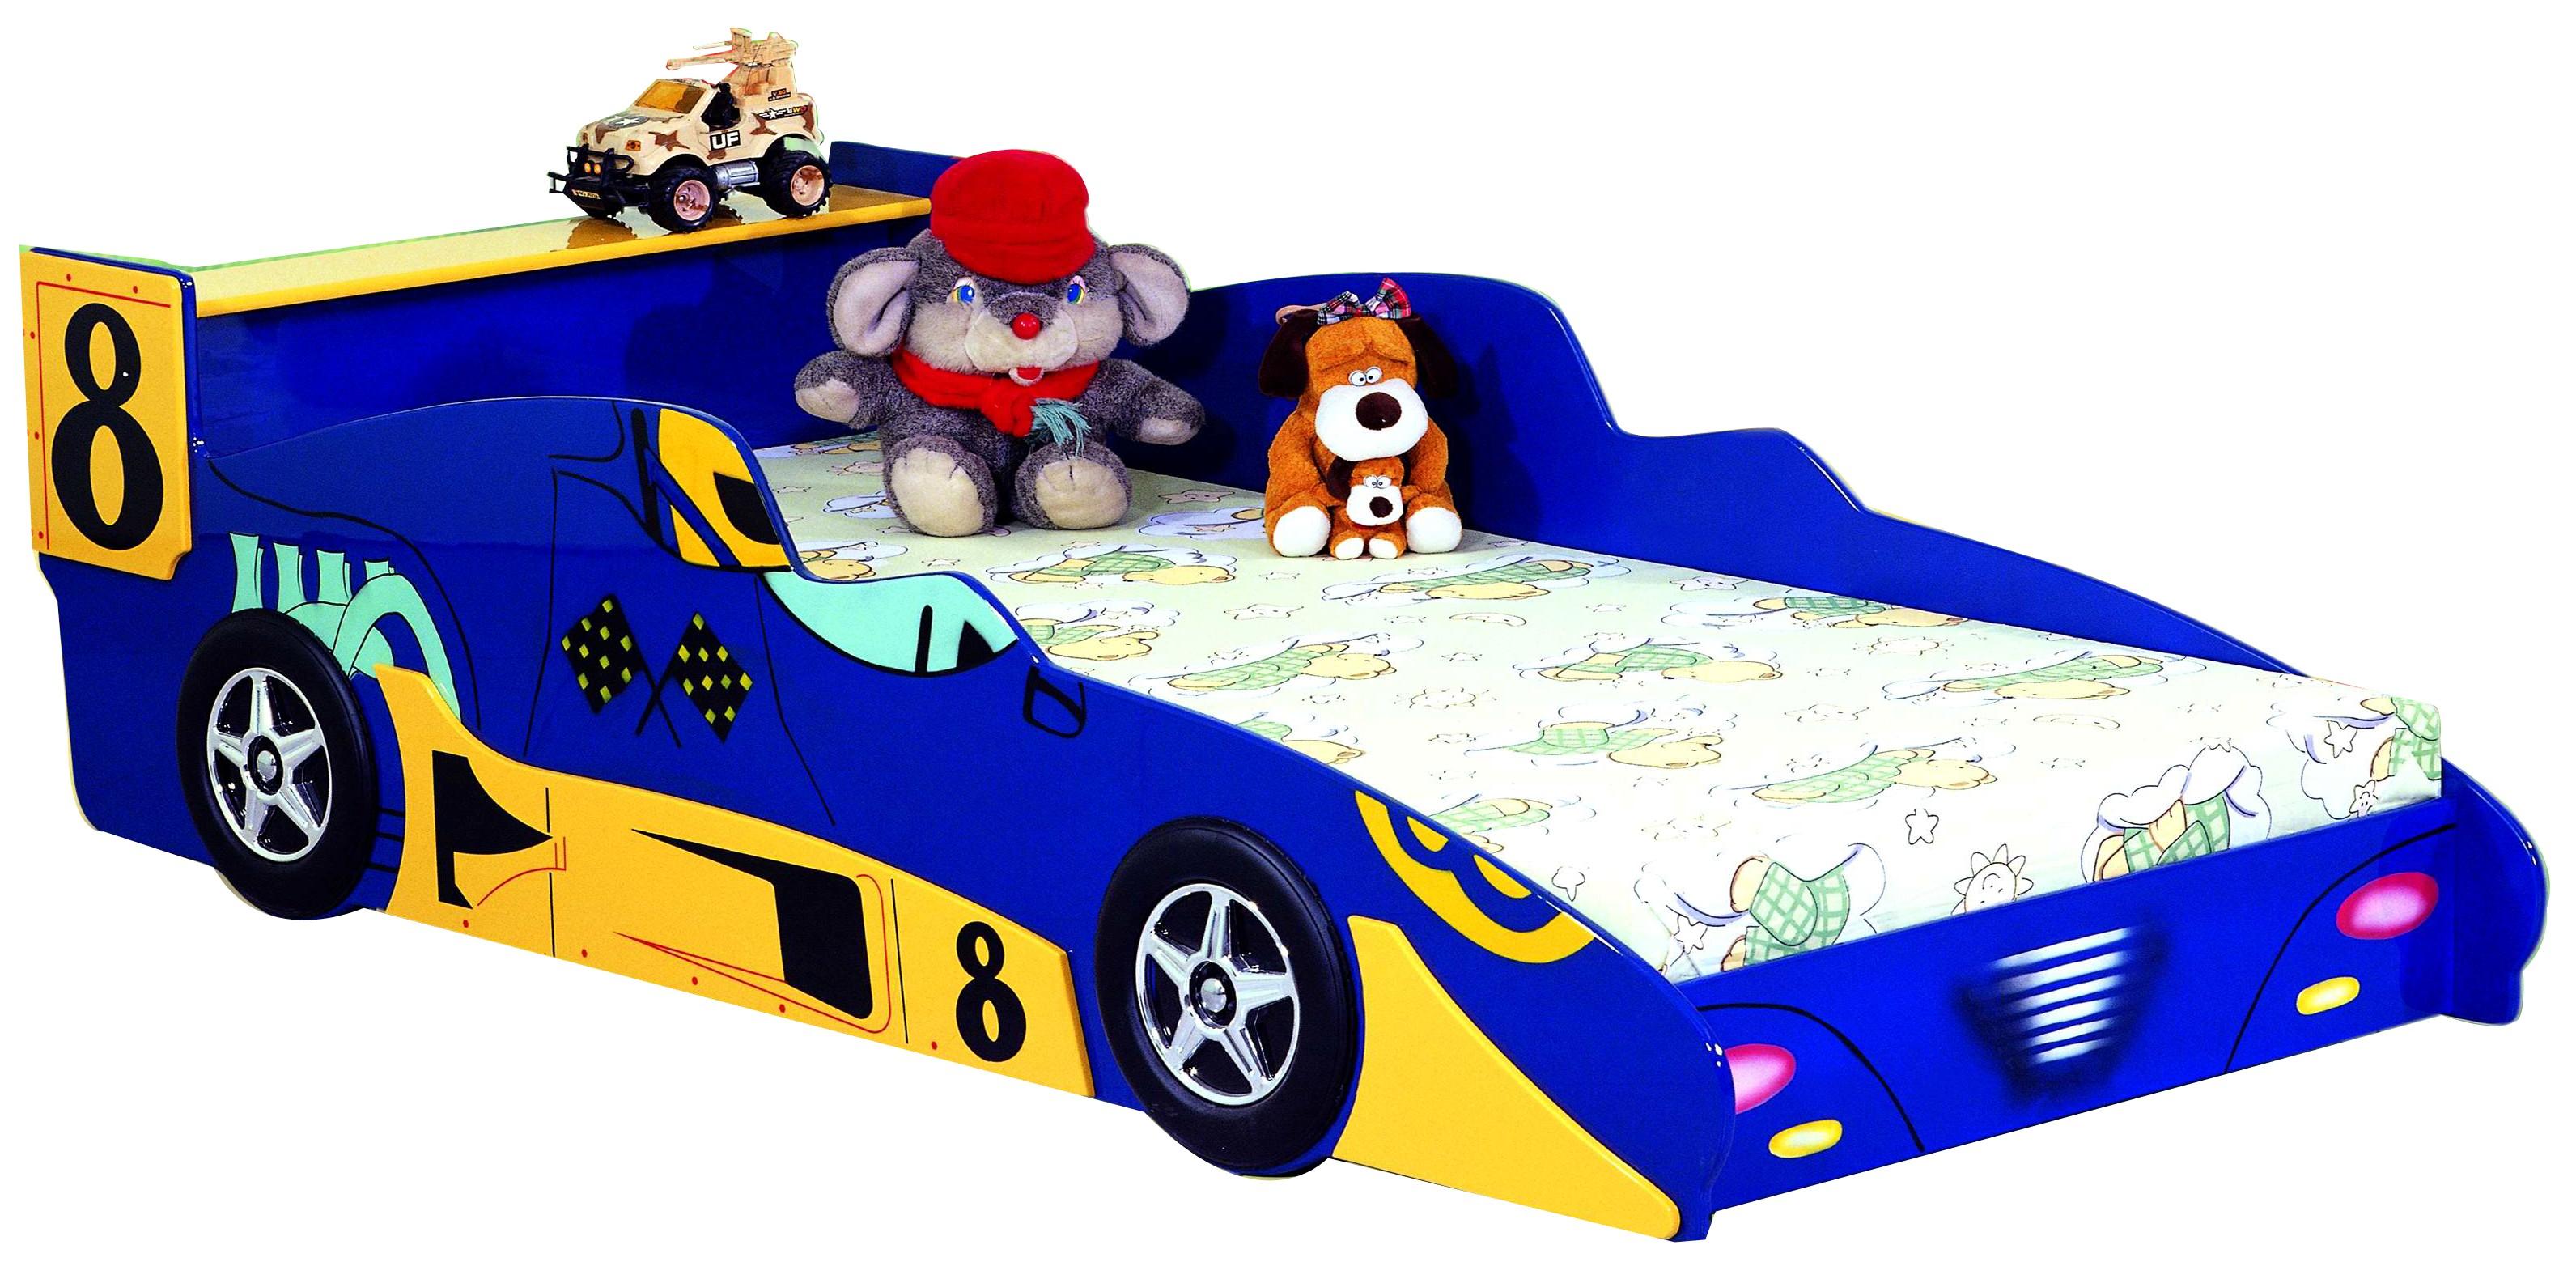 Детская кровать - Гоночная машина Формула 1 -  Racing Car F1, артикул 350, кровать для ребенка в возрасте от 3-х до 16 лет, в комплекте с матрасом, кровать машина из МДФ, цвета красный или синий, кровать-машина